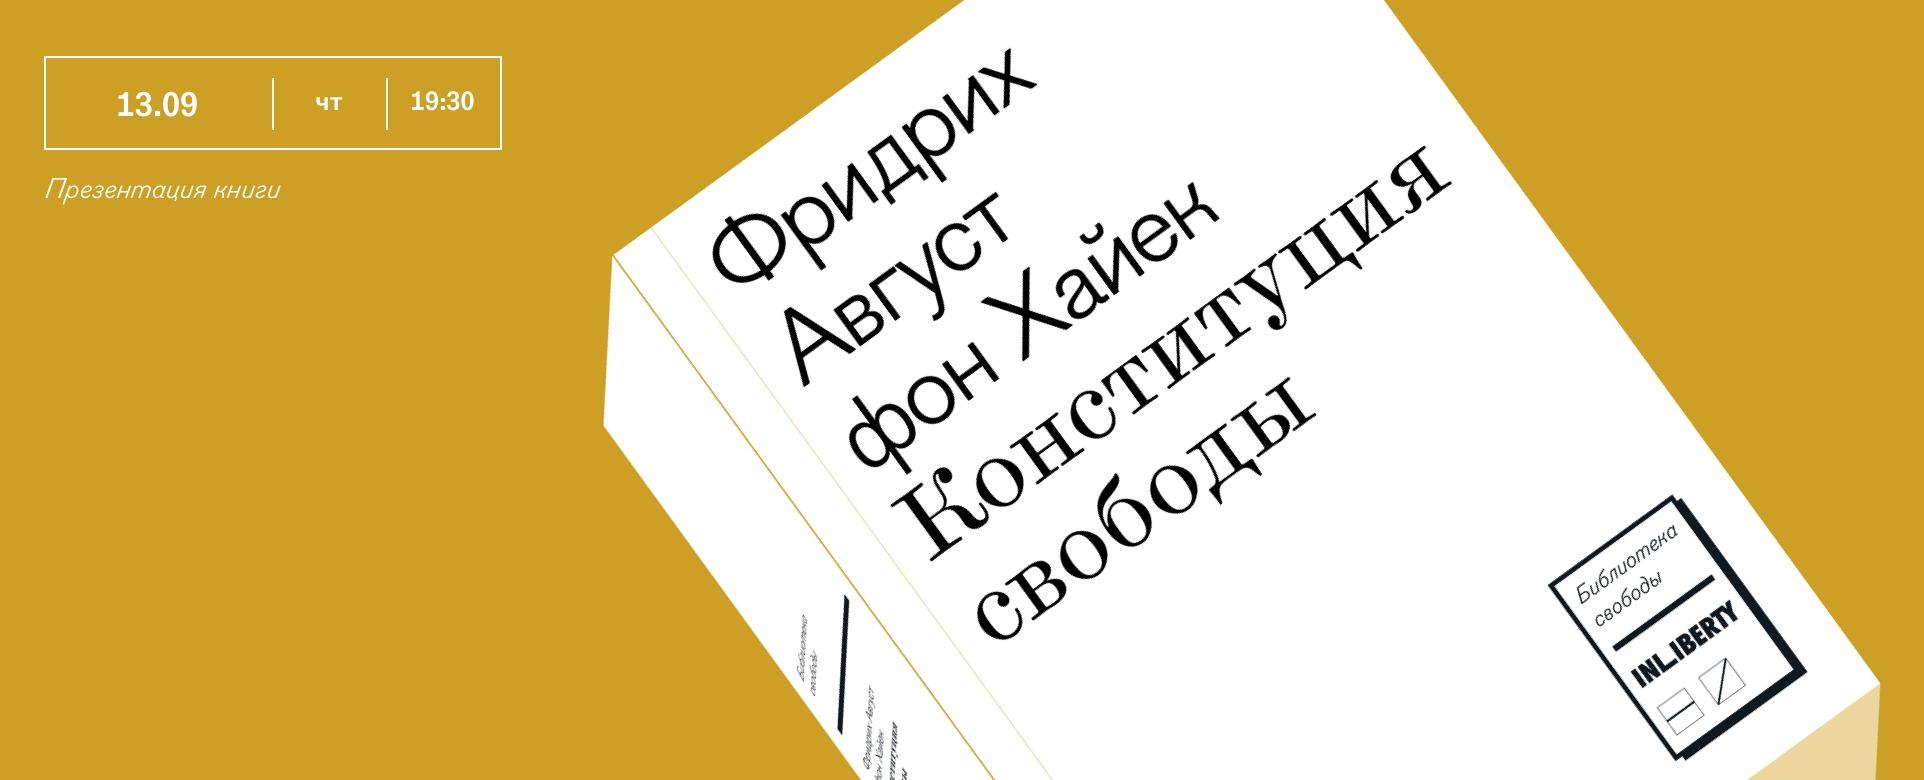 «Конституция свободы» Фридриха фон Хайека